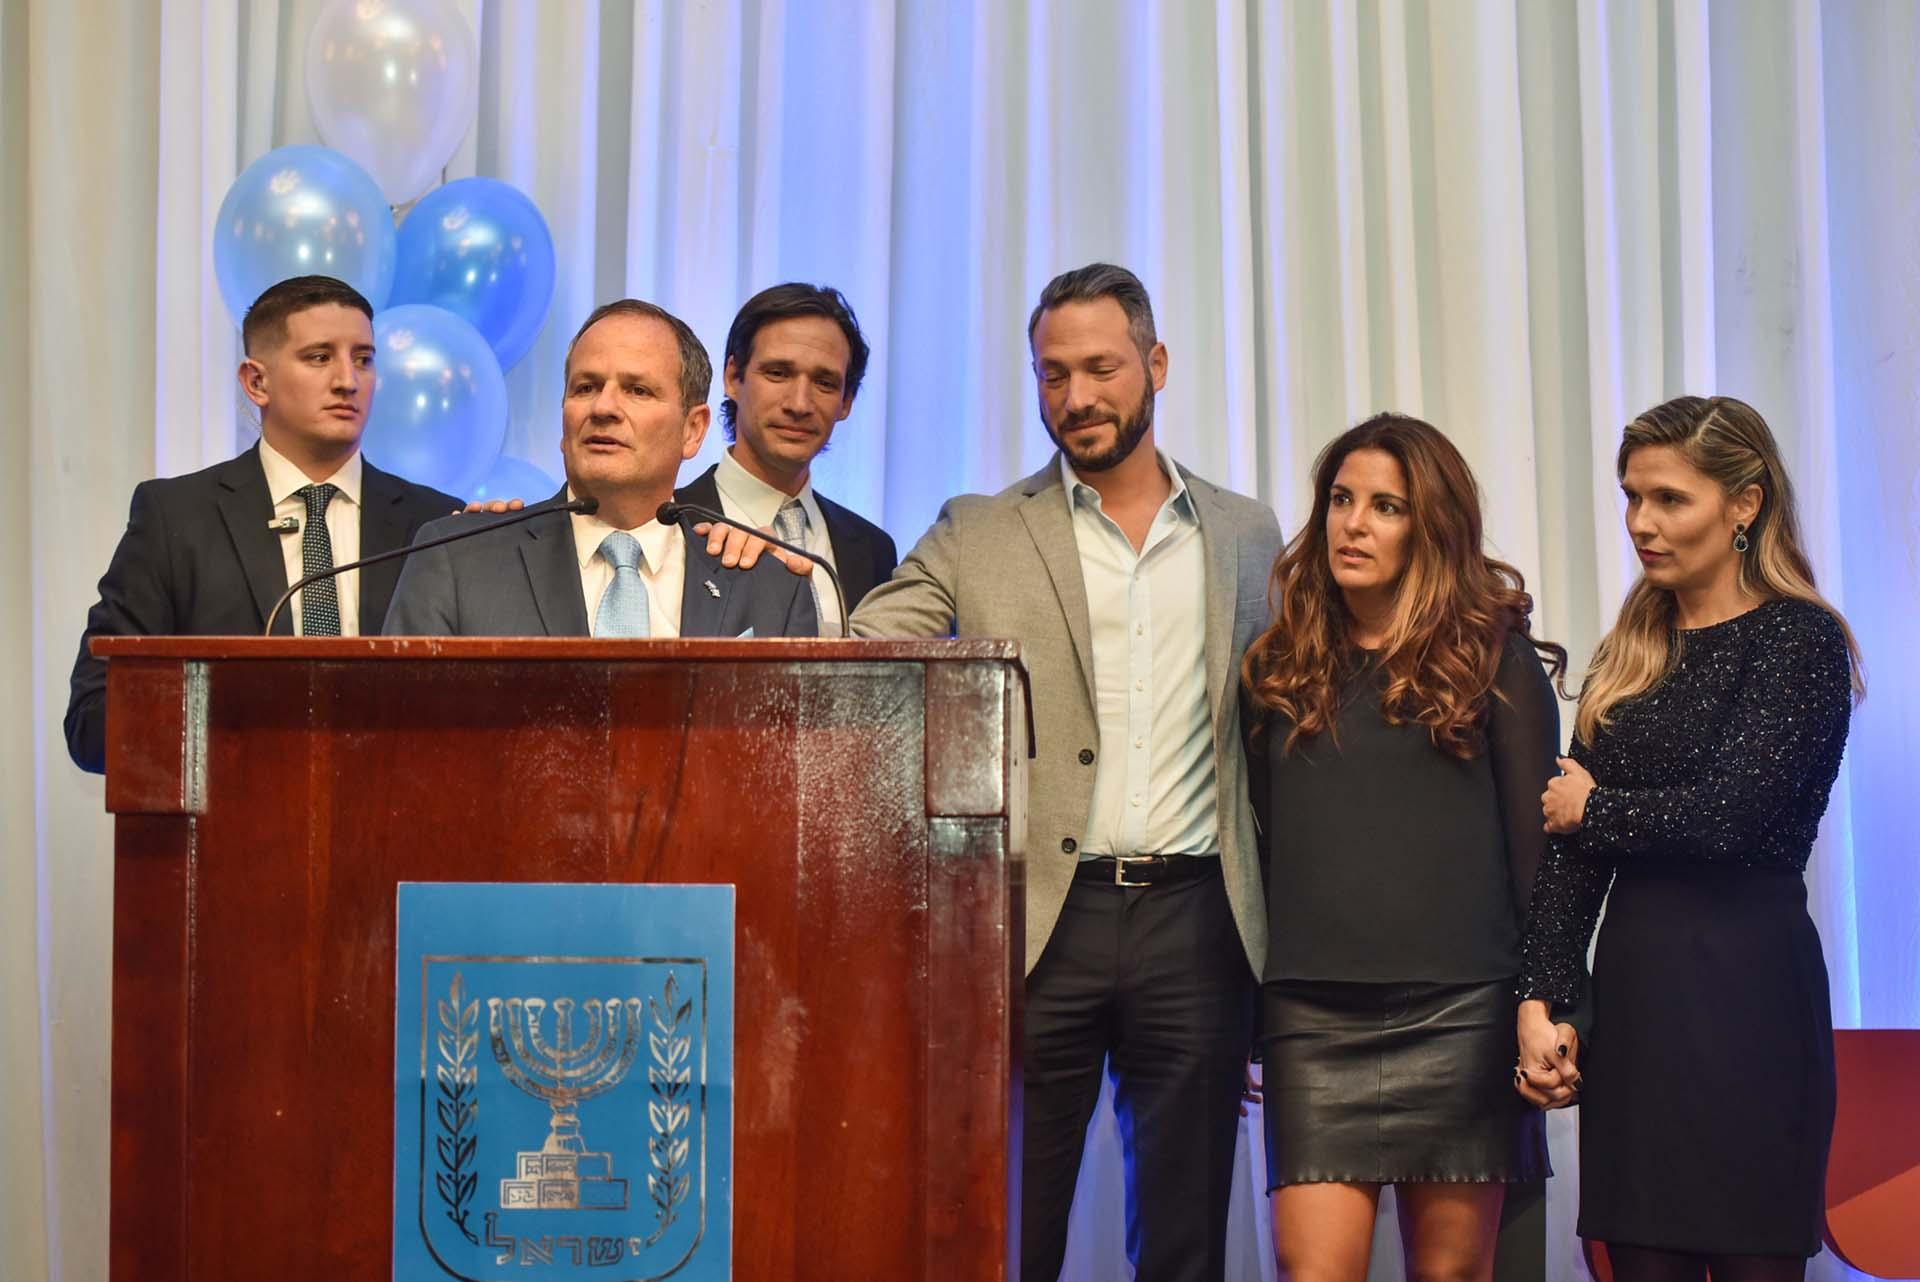 El embajador de Israel hizo un emotivo discurso en el que incluyó la historia de su familia